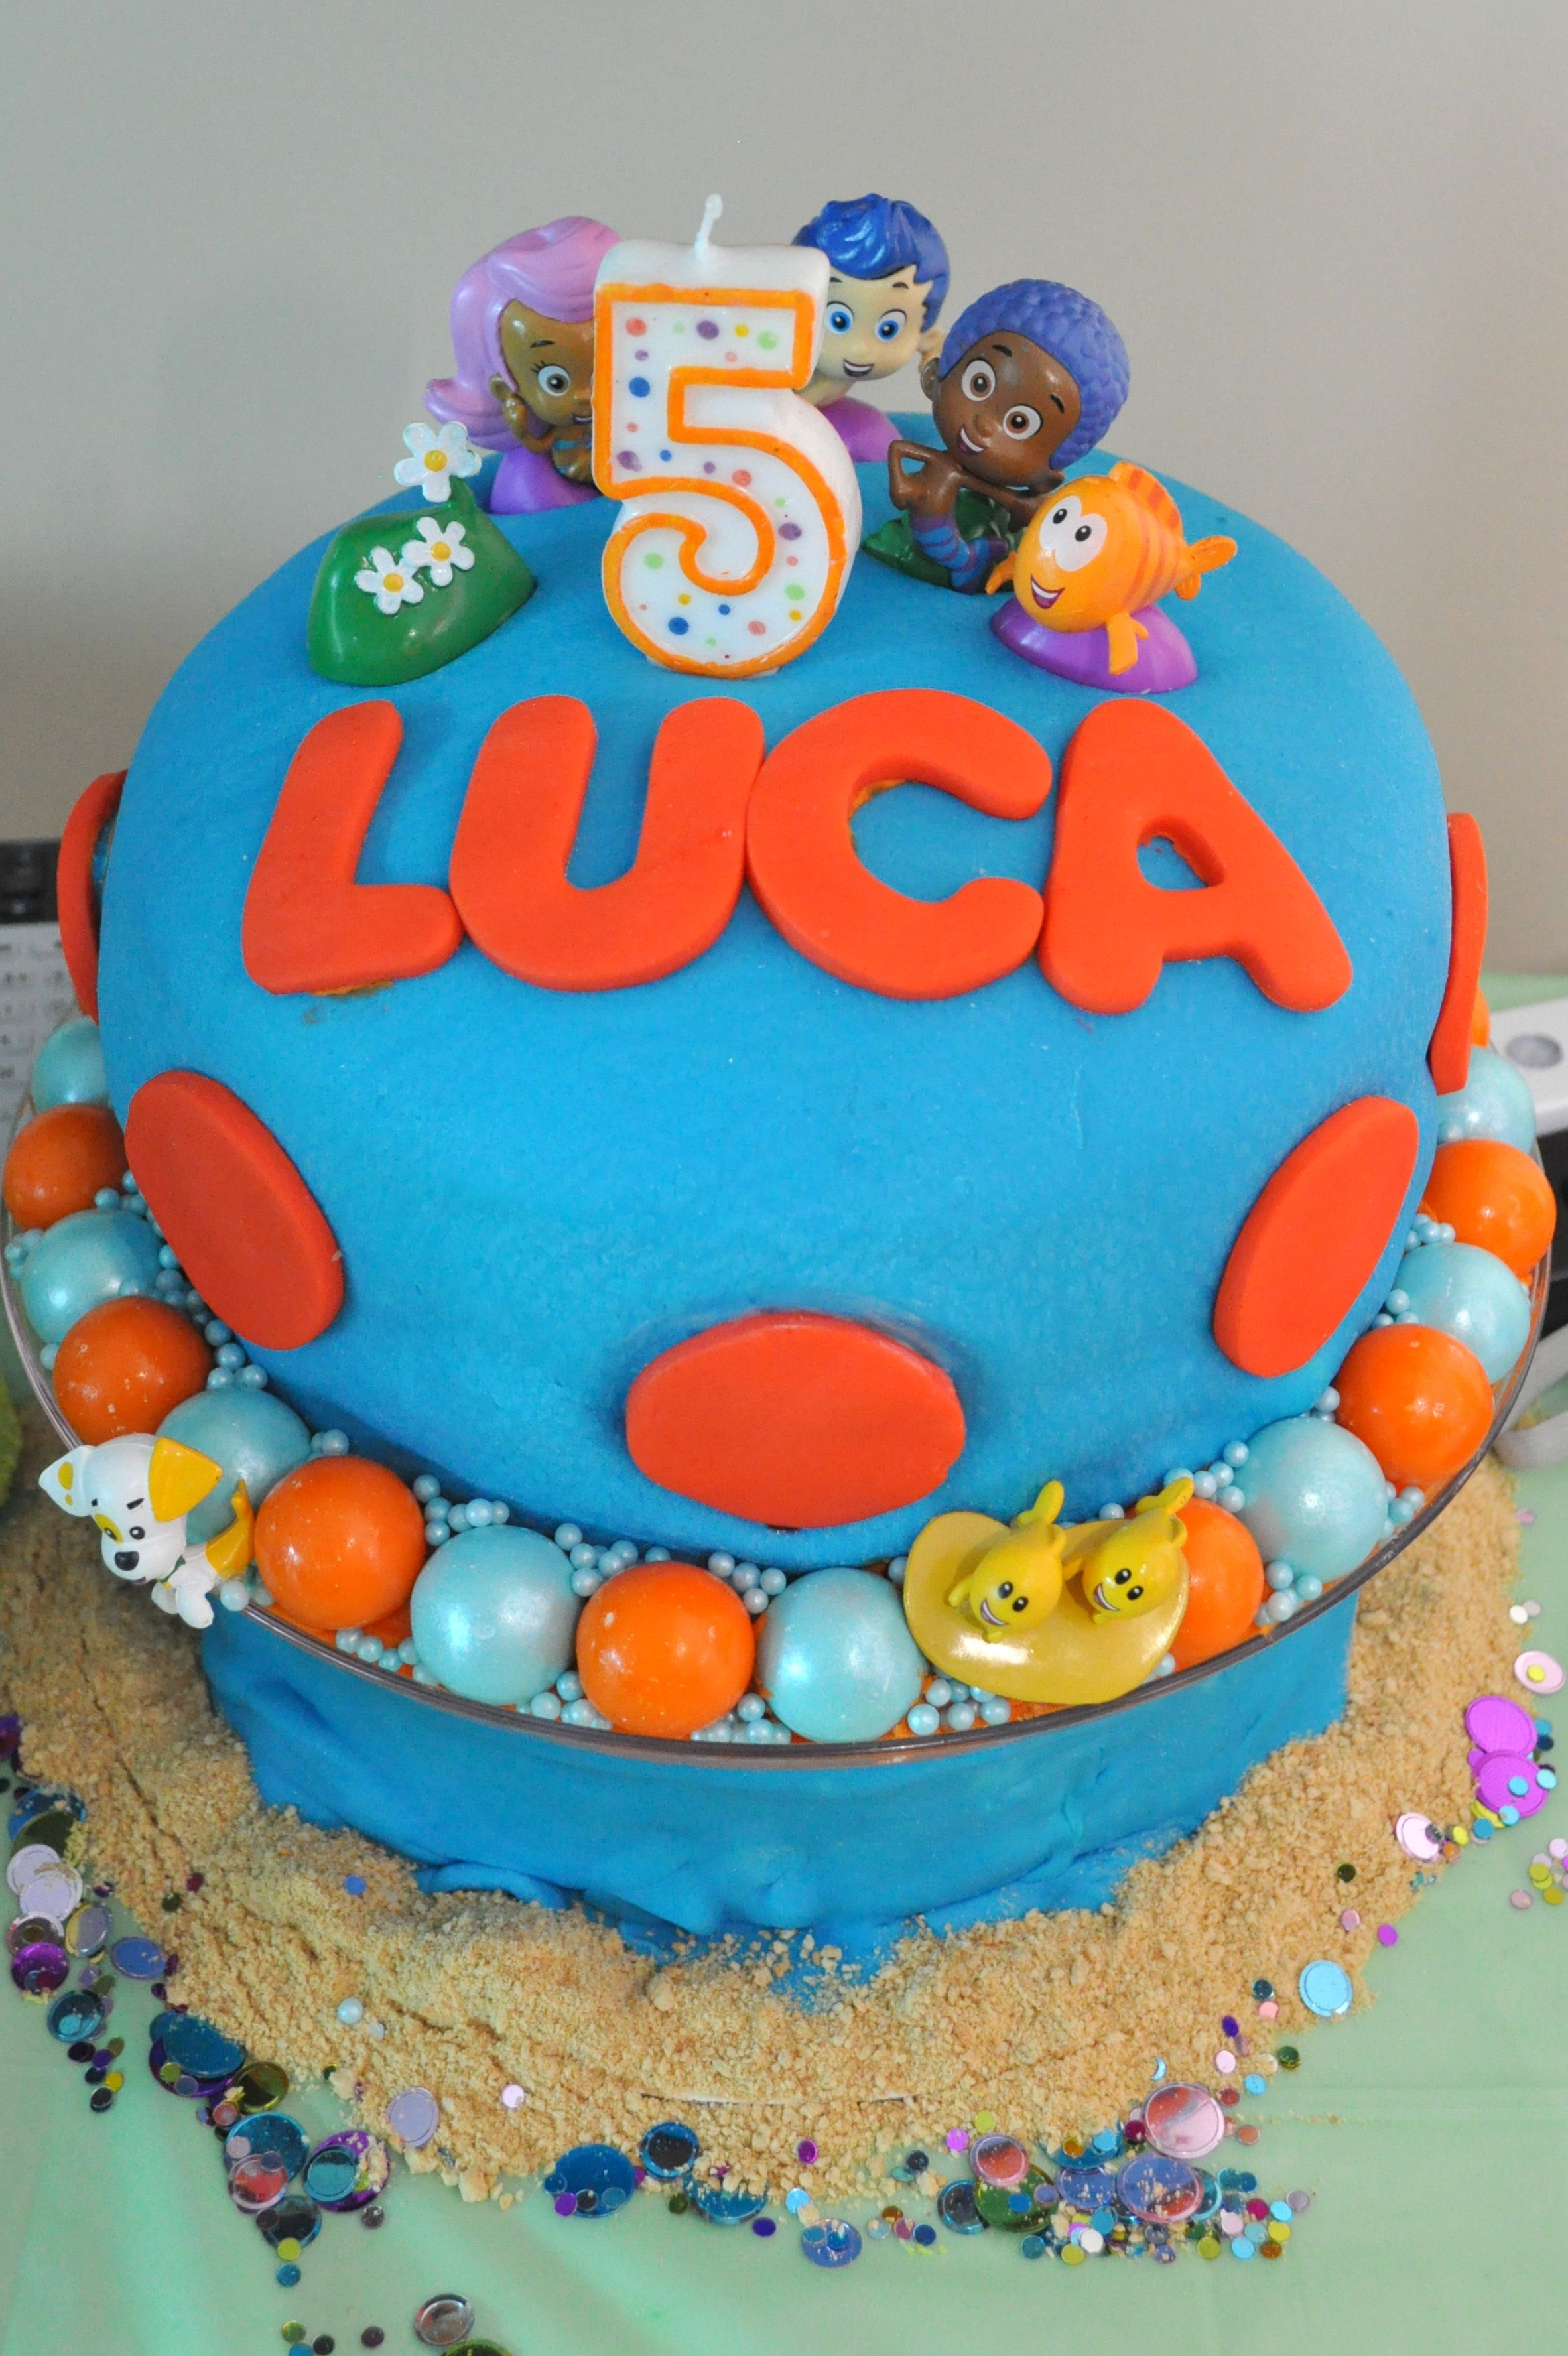 28+ Bubble guppies cake design ideas in 2021